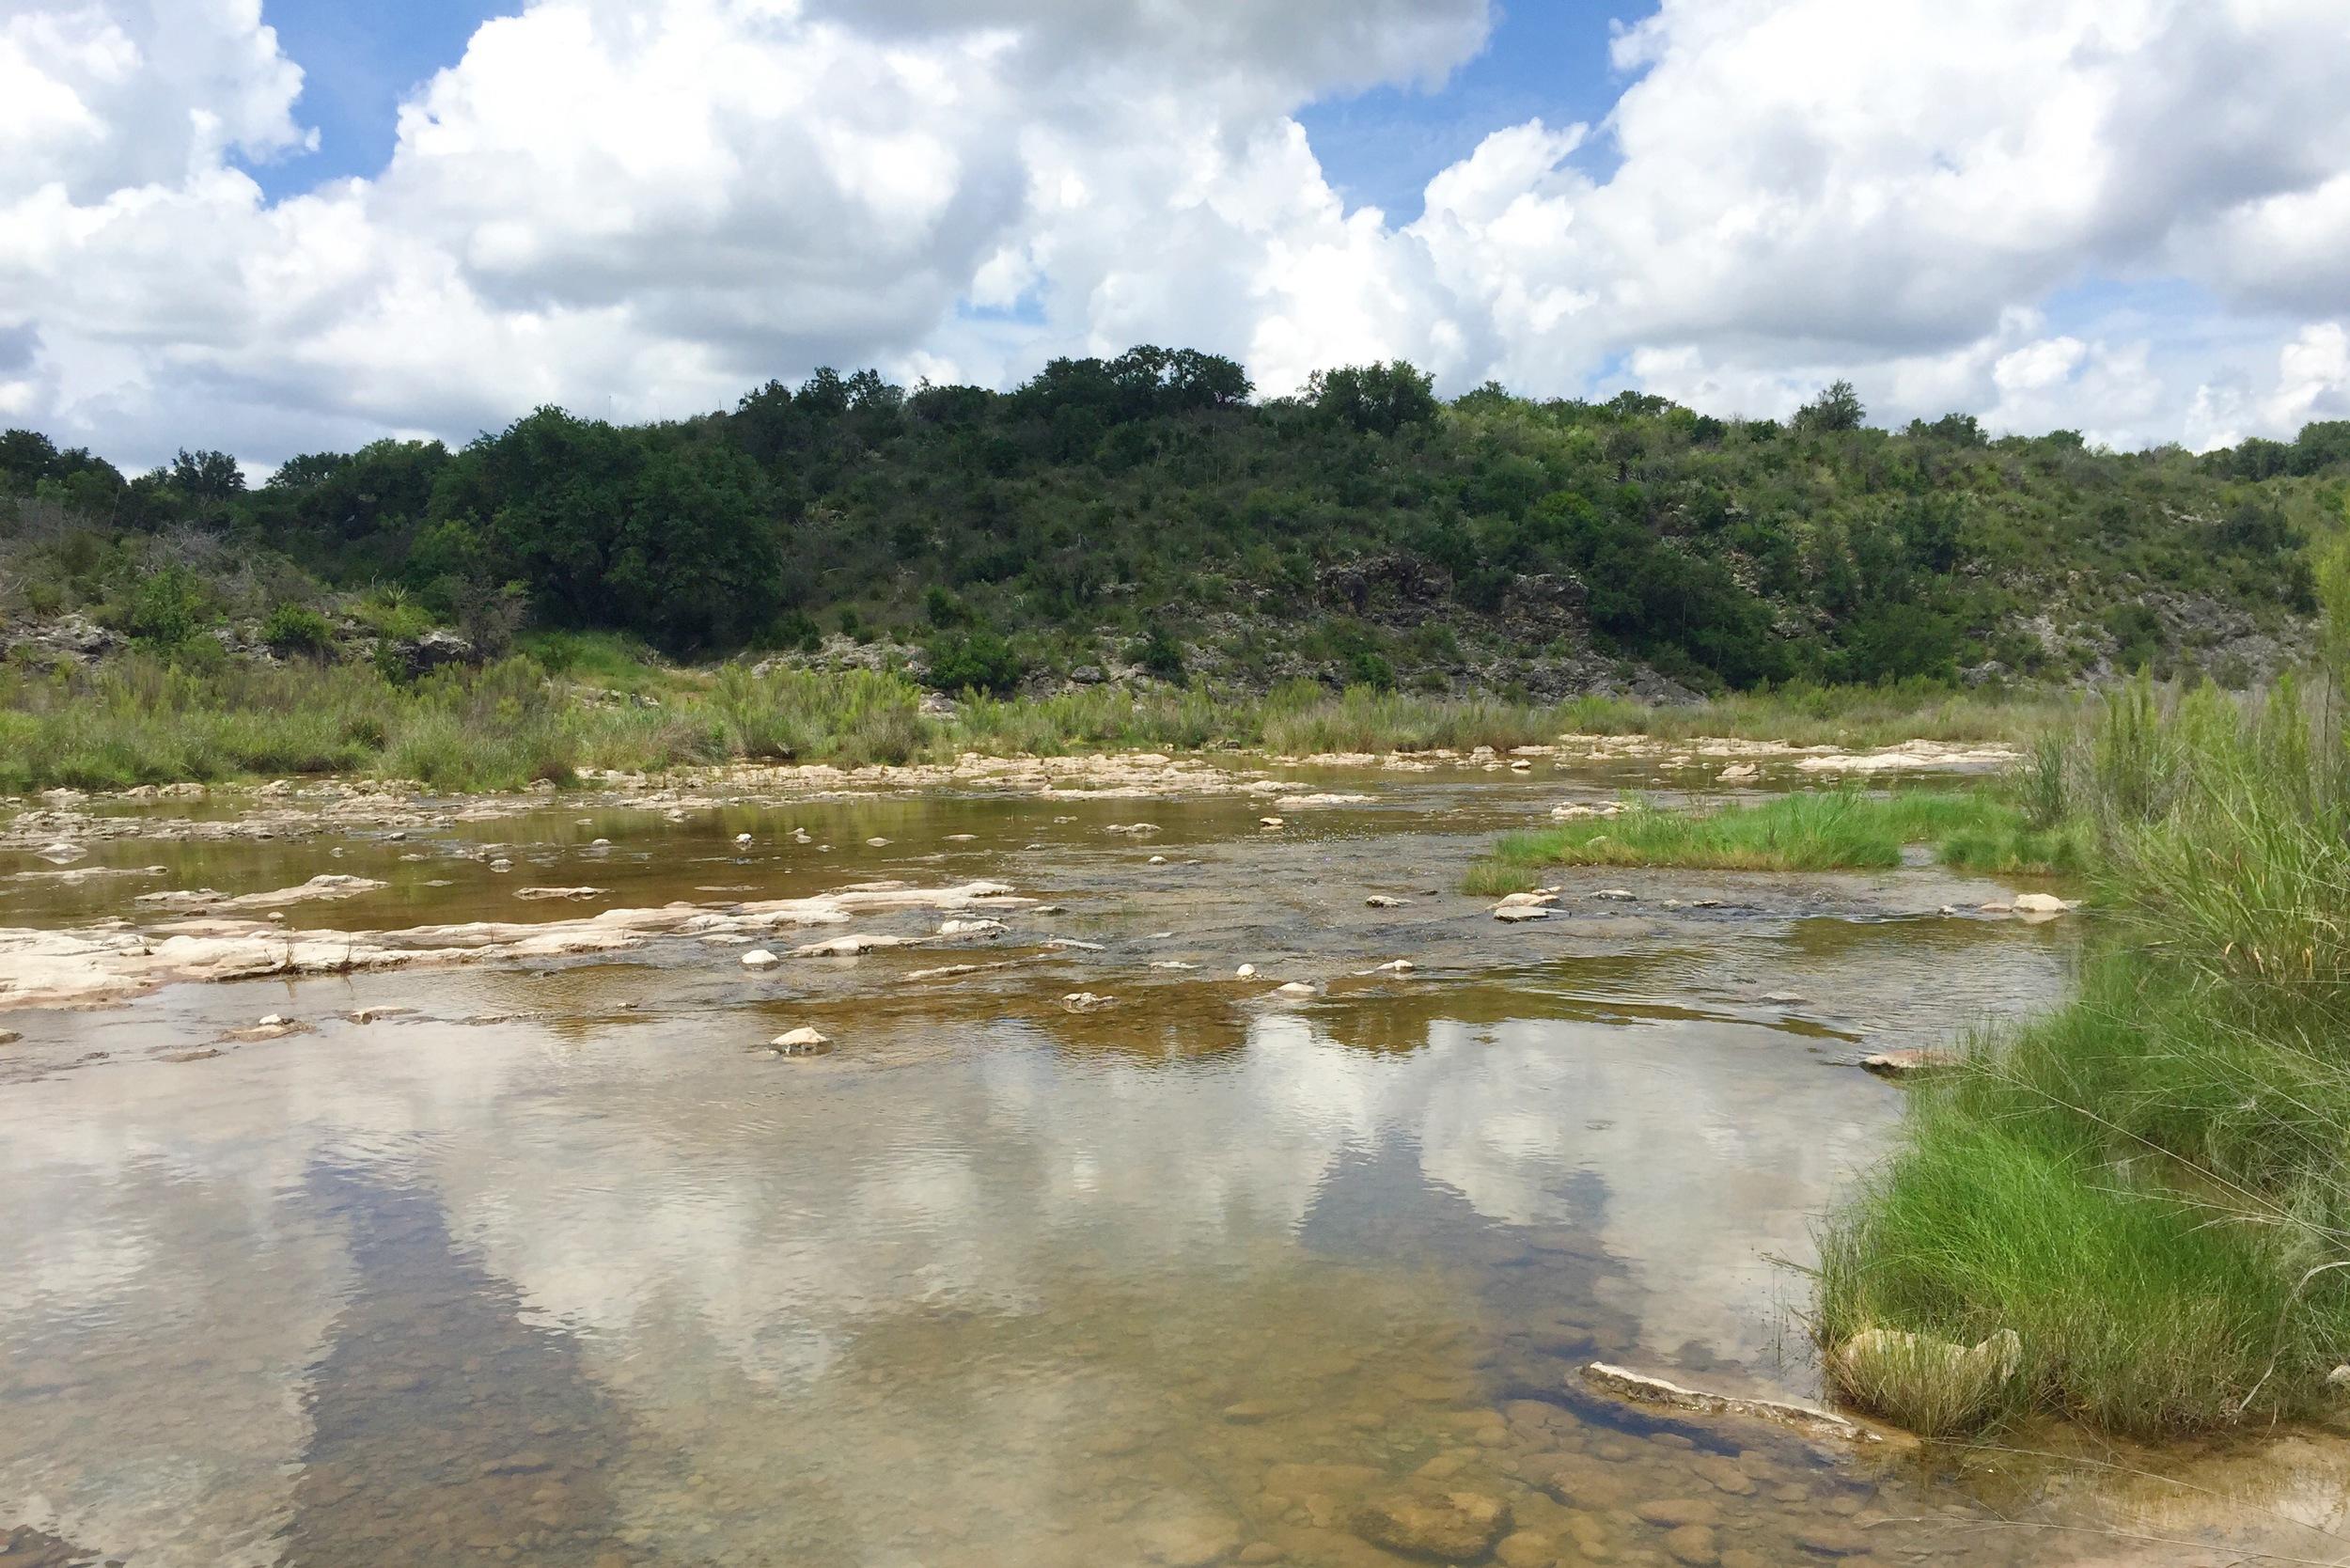 James River, Mason County, Texas